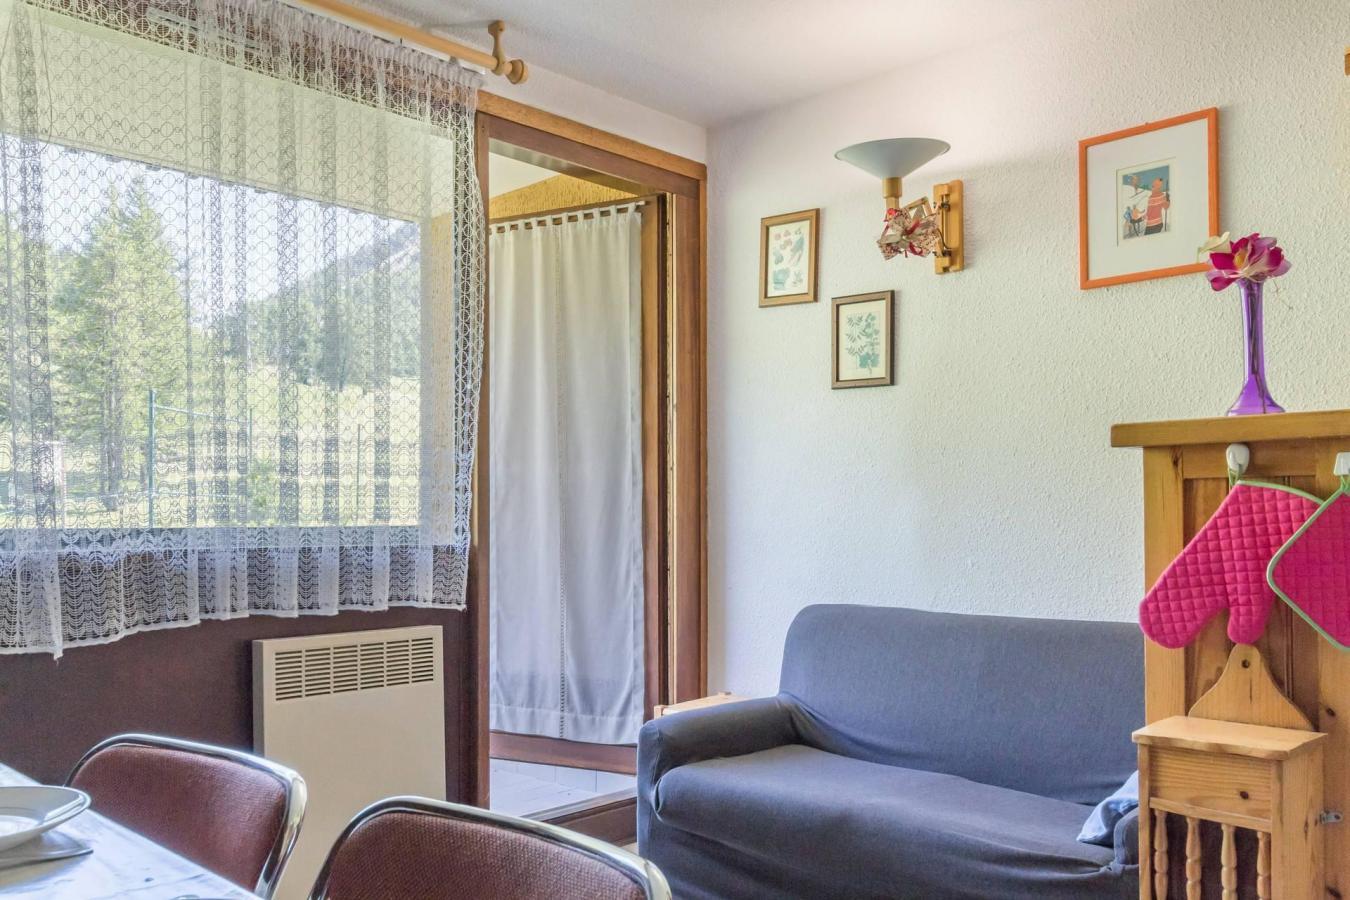 Location au ski Appartement 2 pièces coin montagne 4 personnes (DOTA14) - La Residence Ferme D'augustin - Montgenèvre - Lits superposés